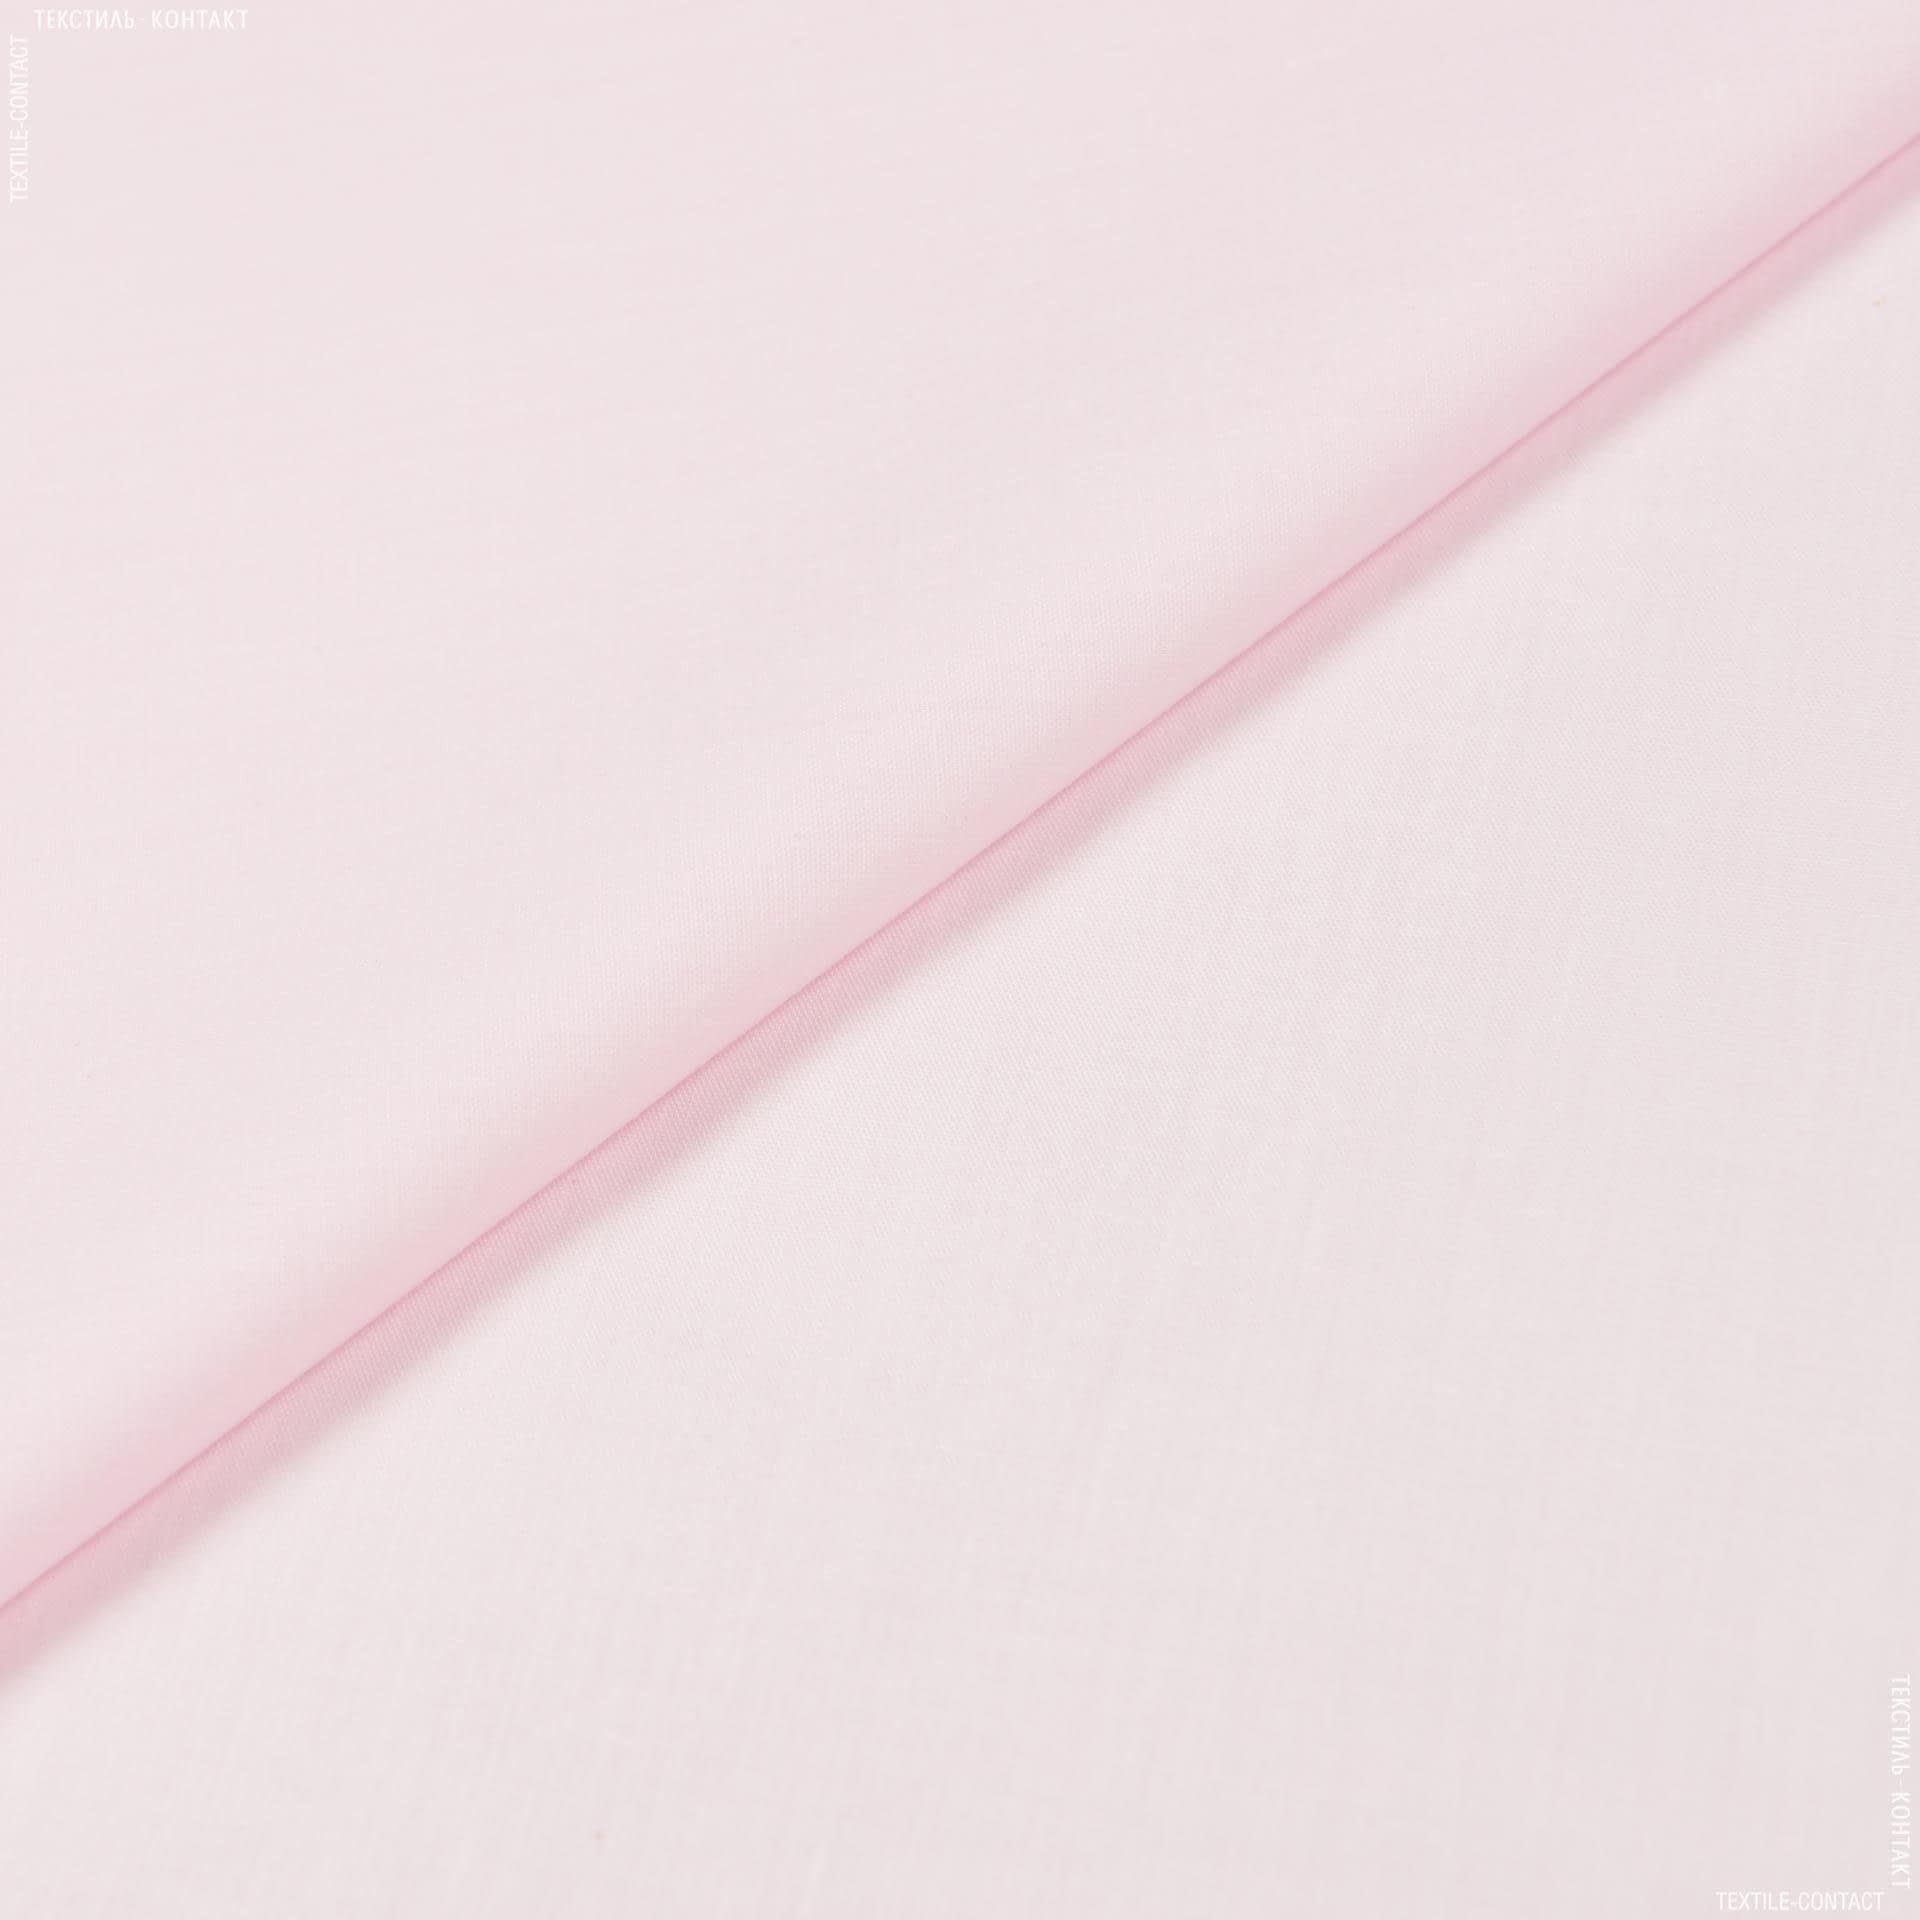 Ткани для мед. одежды - Сорочечная светло-розовый